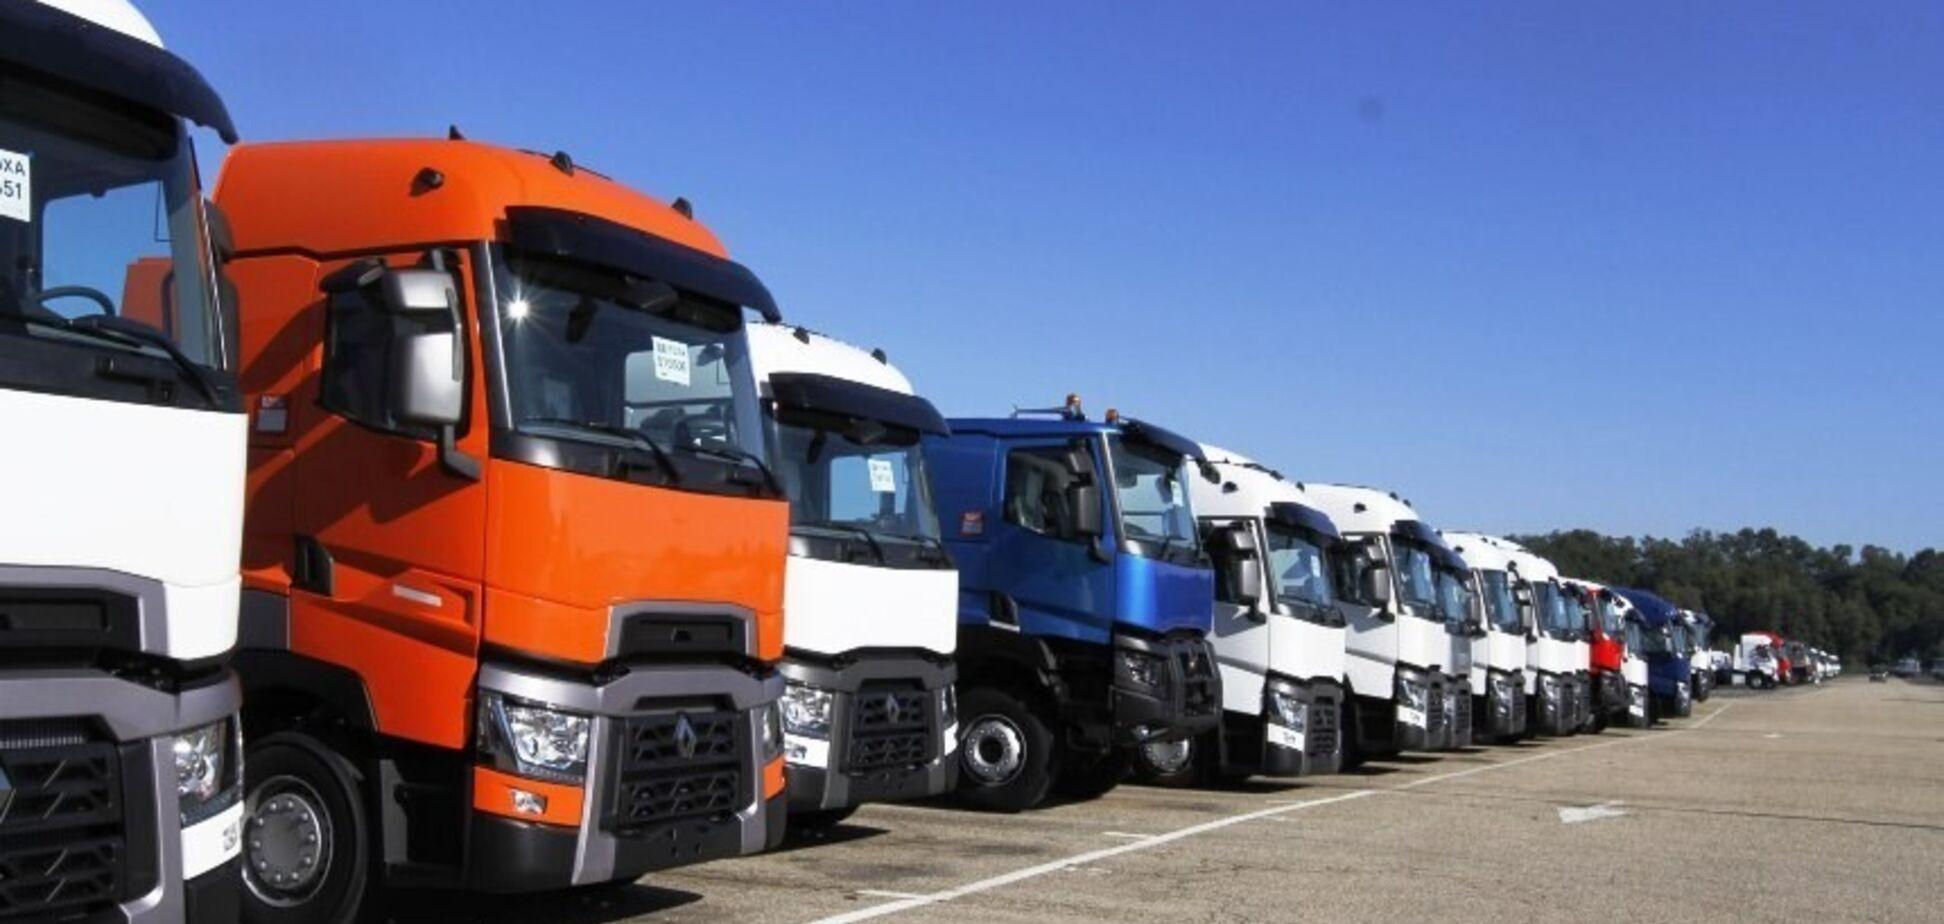 КГГА запретила въезд грузовиков в Киев: названа причина